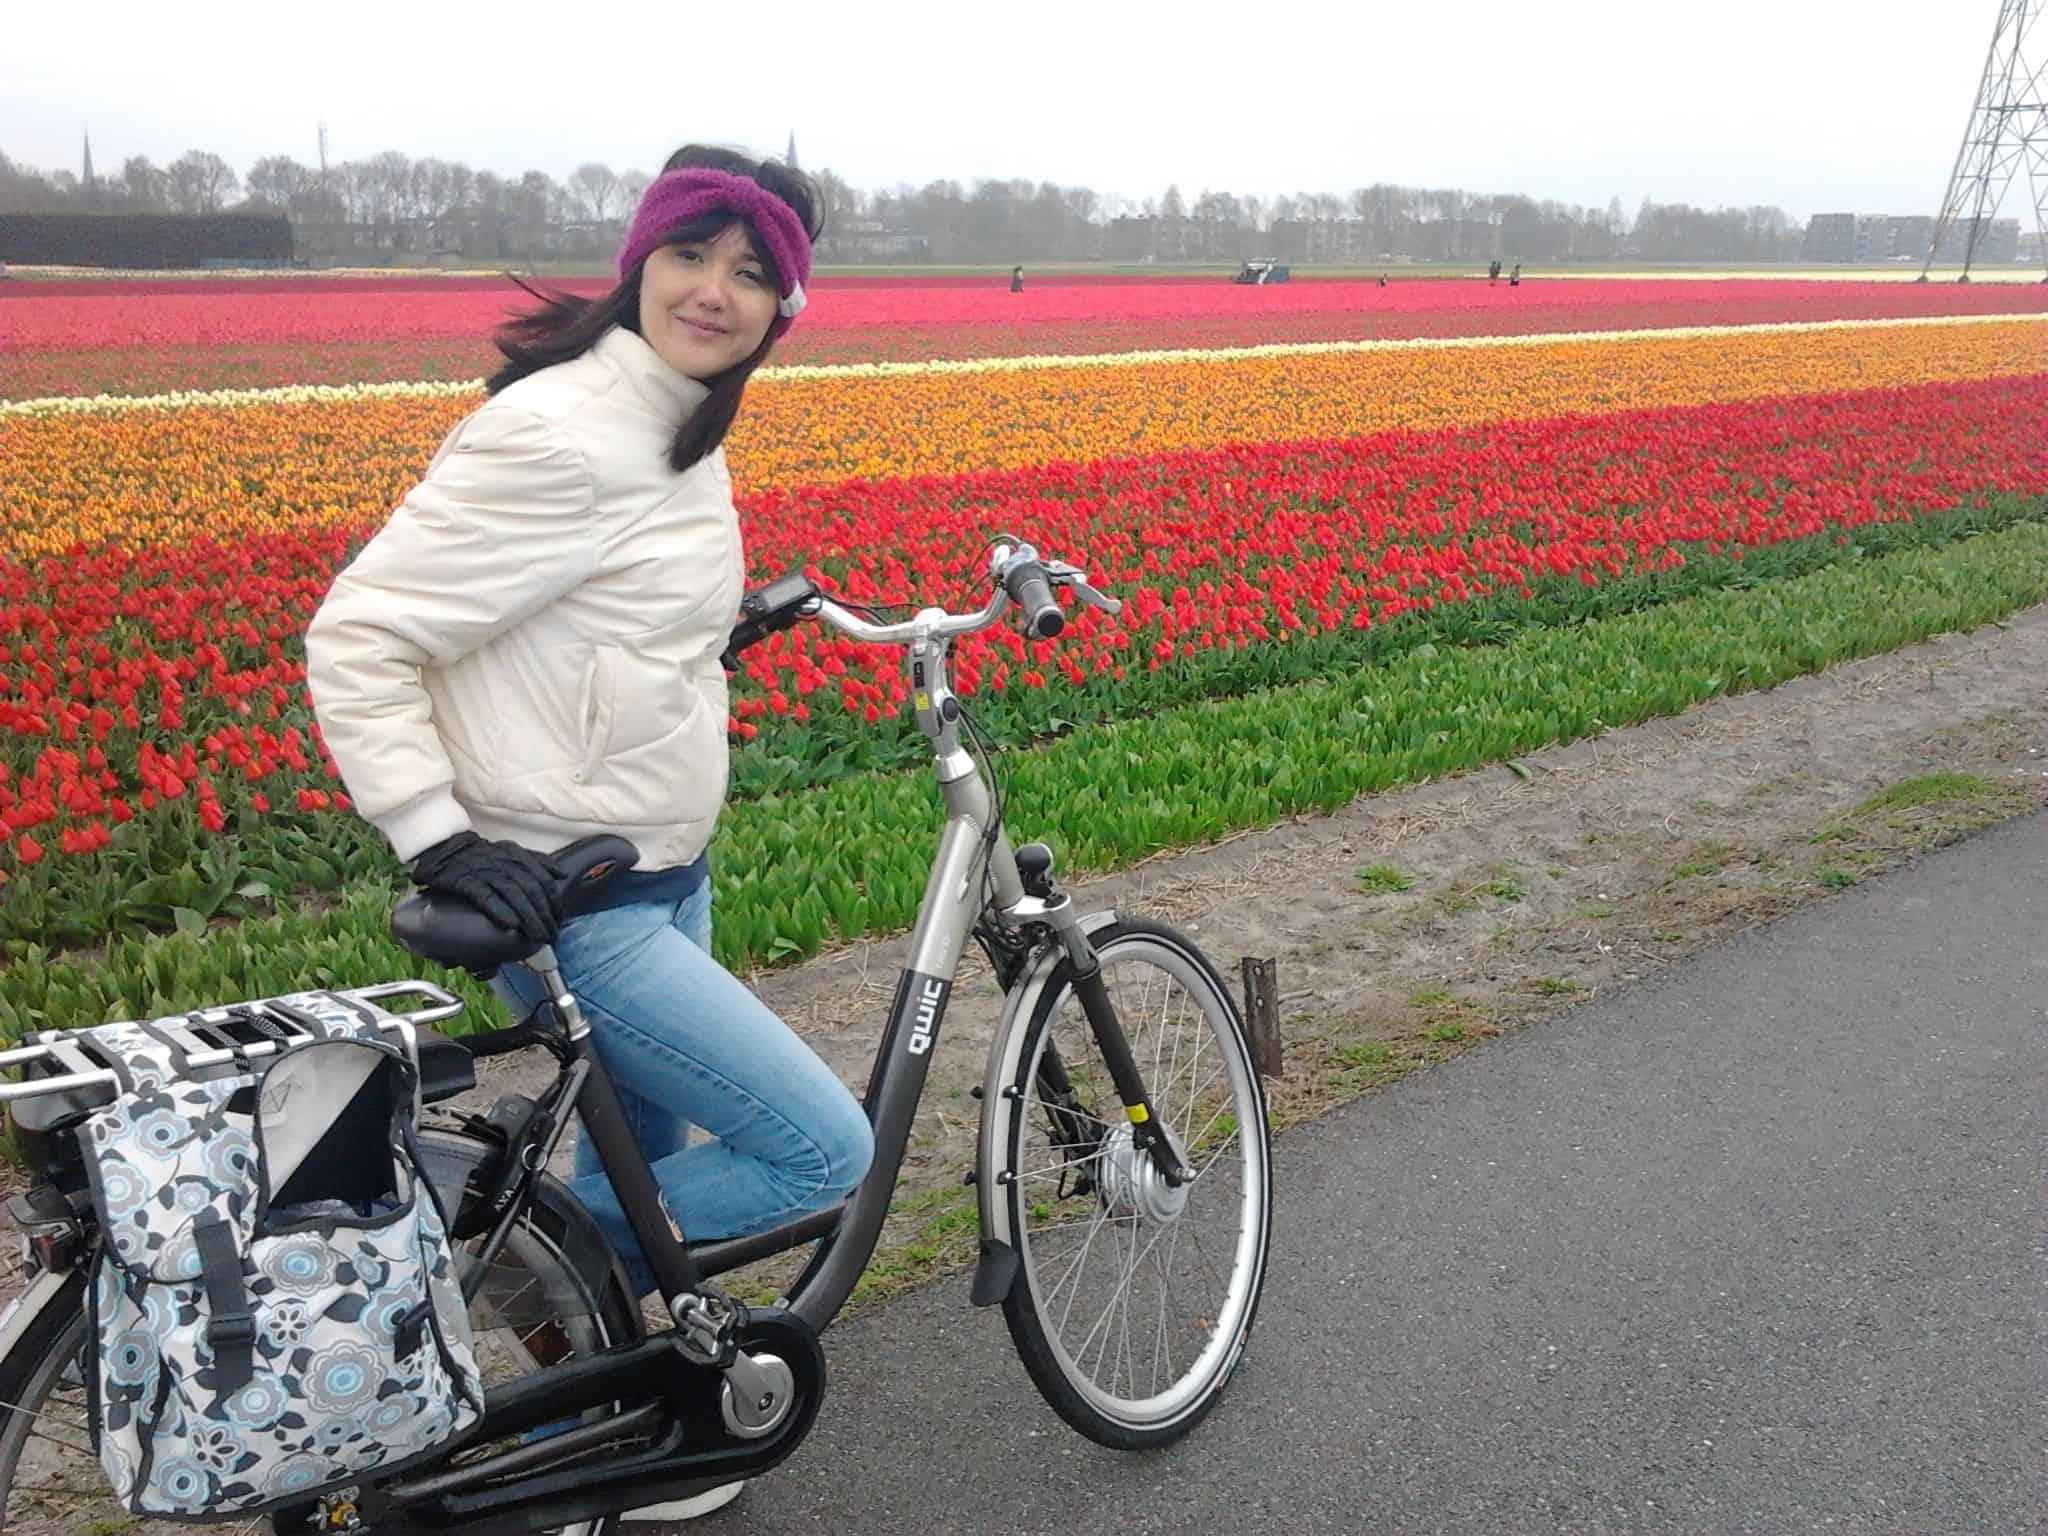 Autora do Holandesando passeia de bicicleta pelos campos de tulipas na Holanda